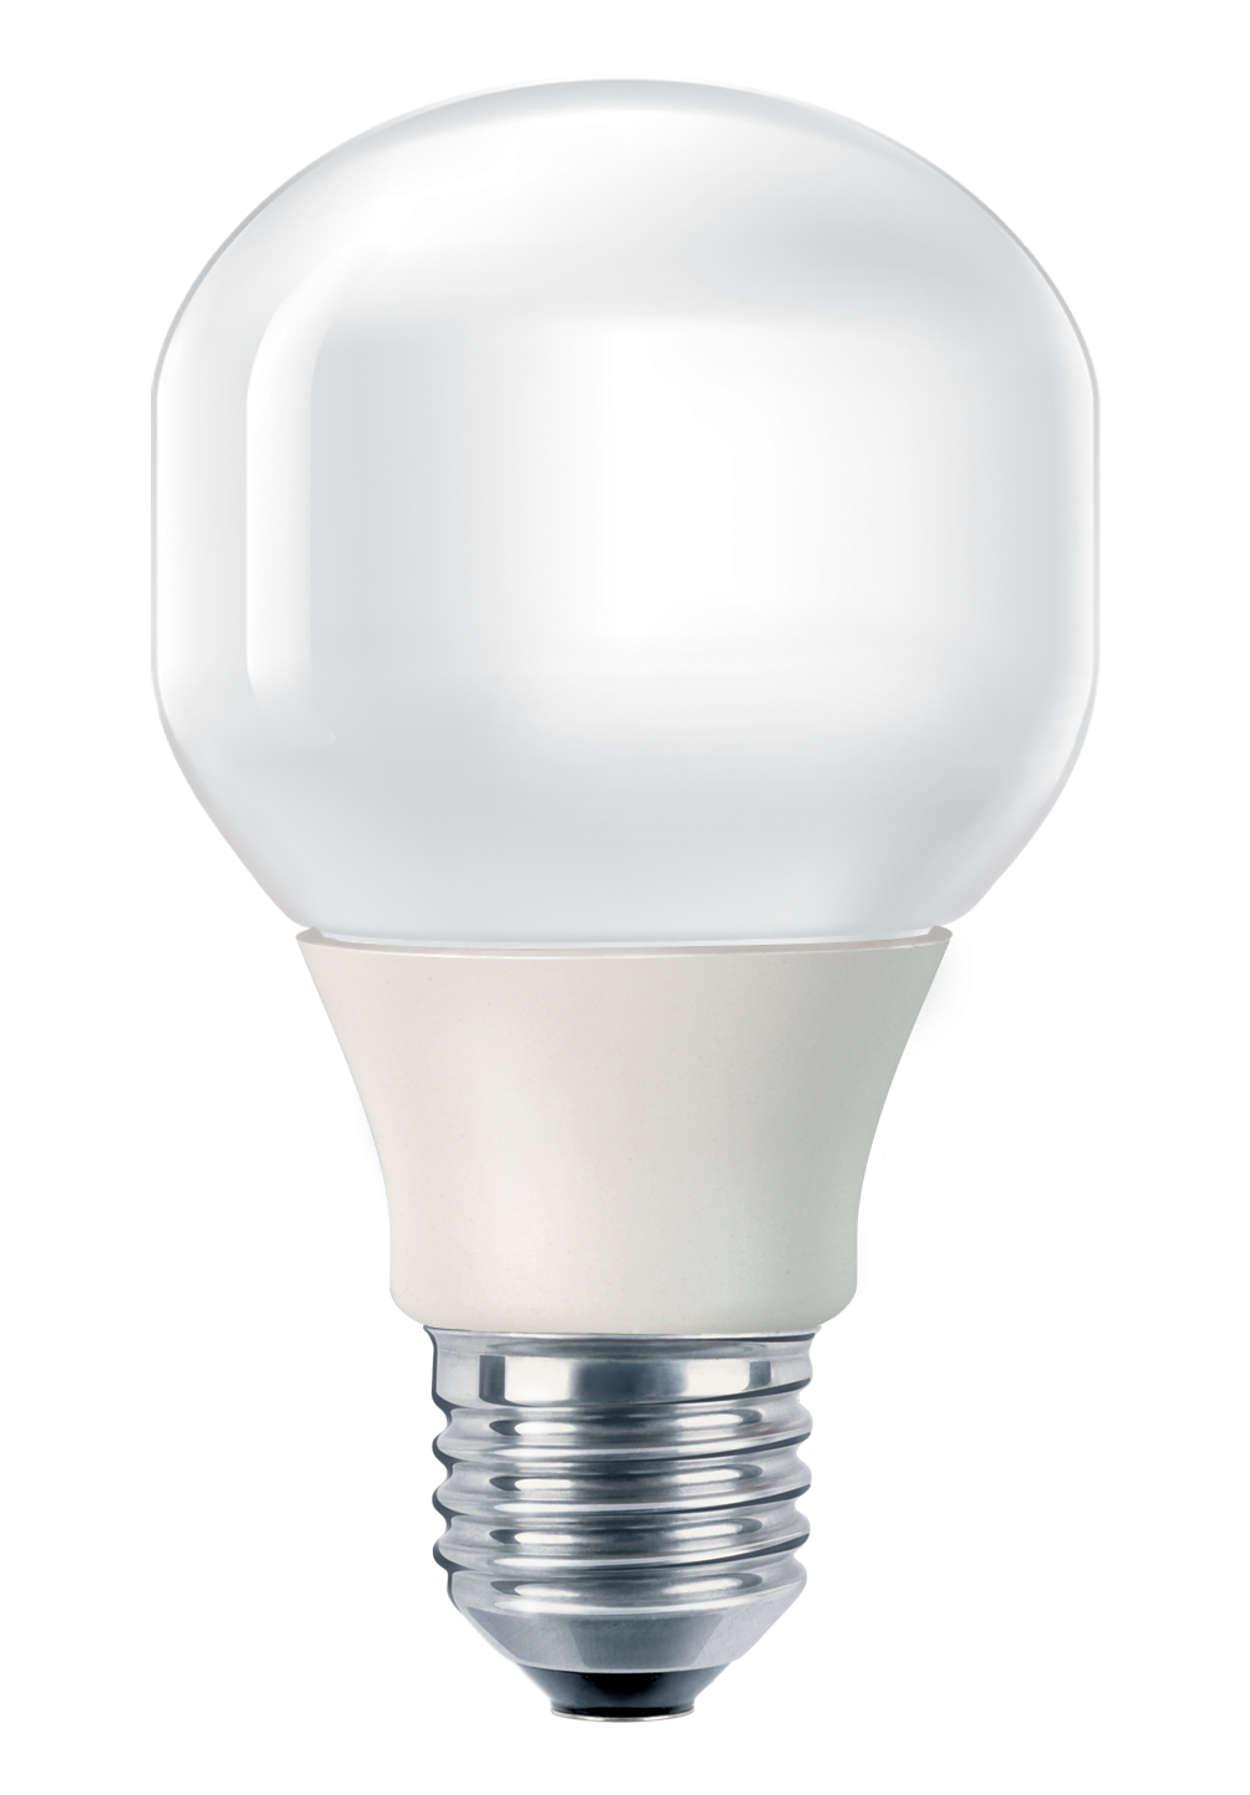 Měkké a jemné okolní osvětlení